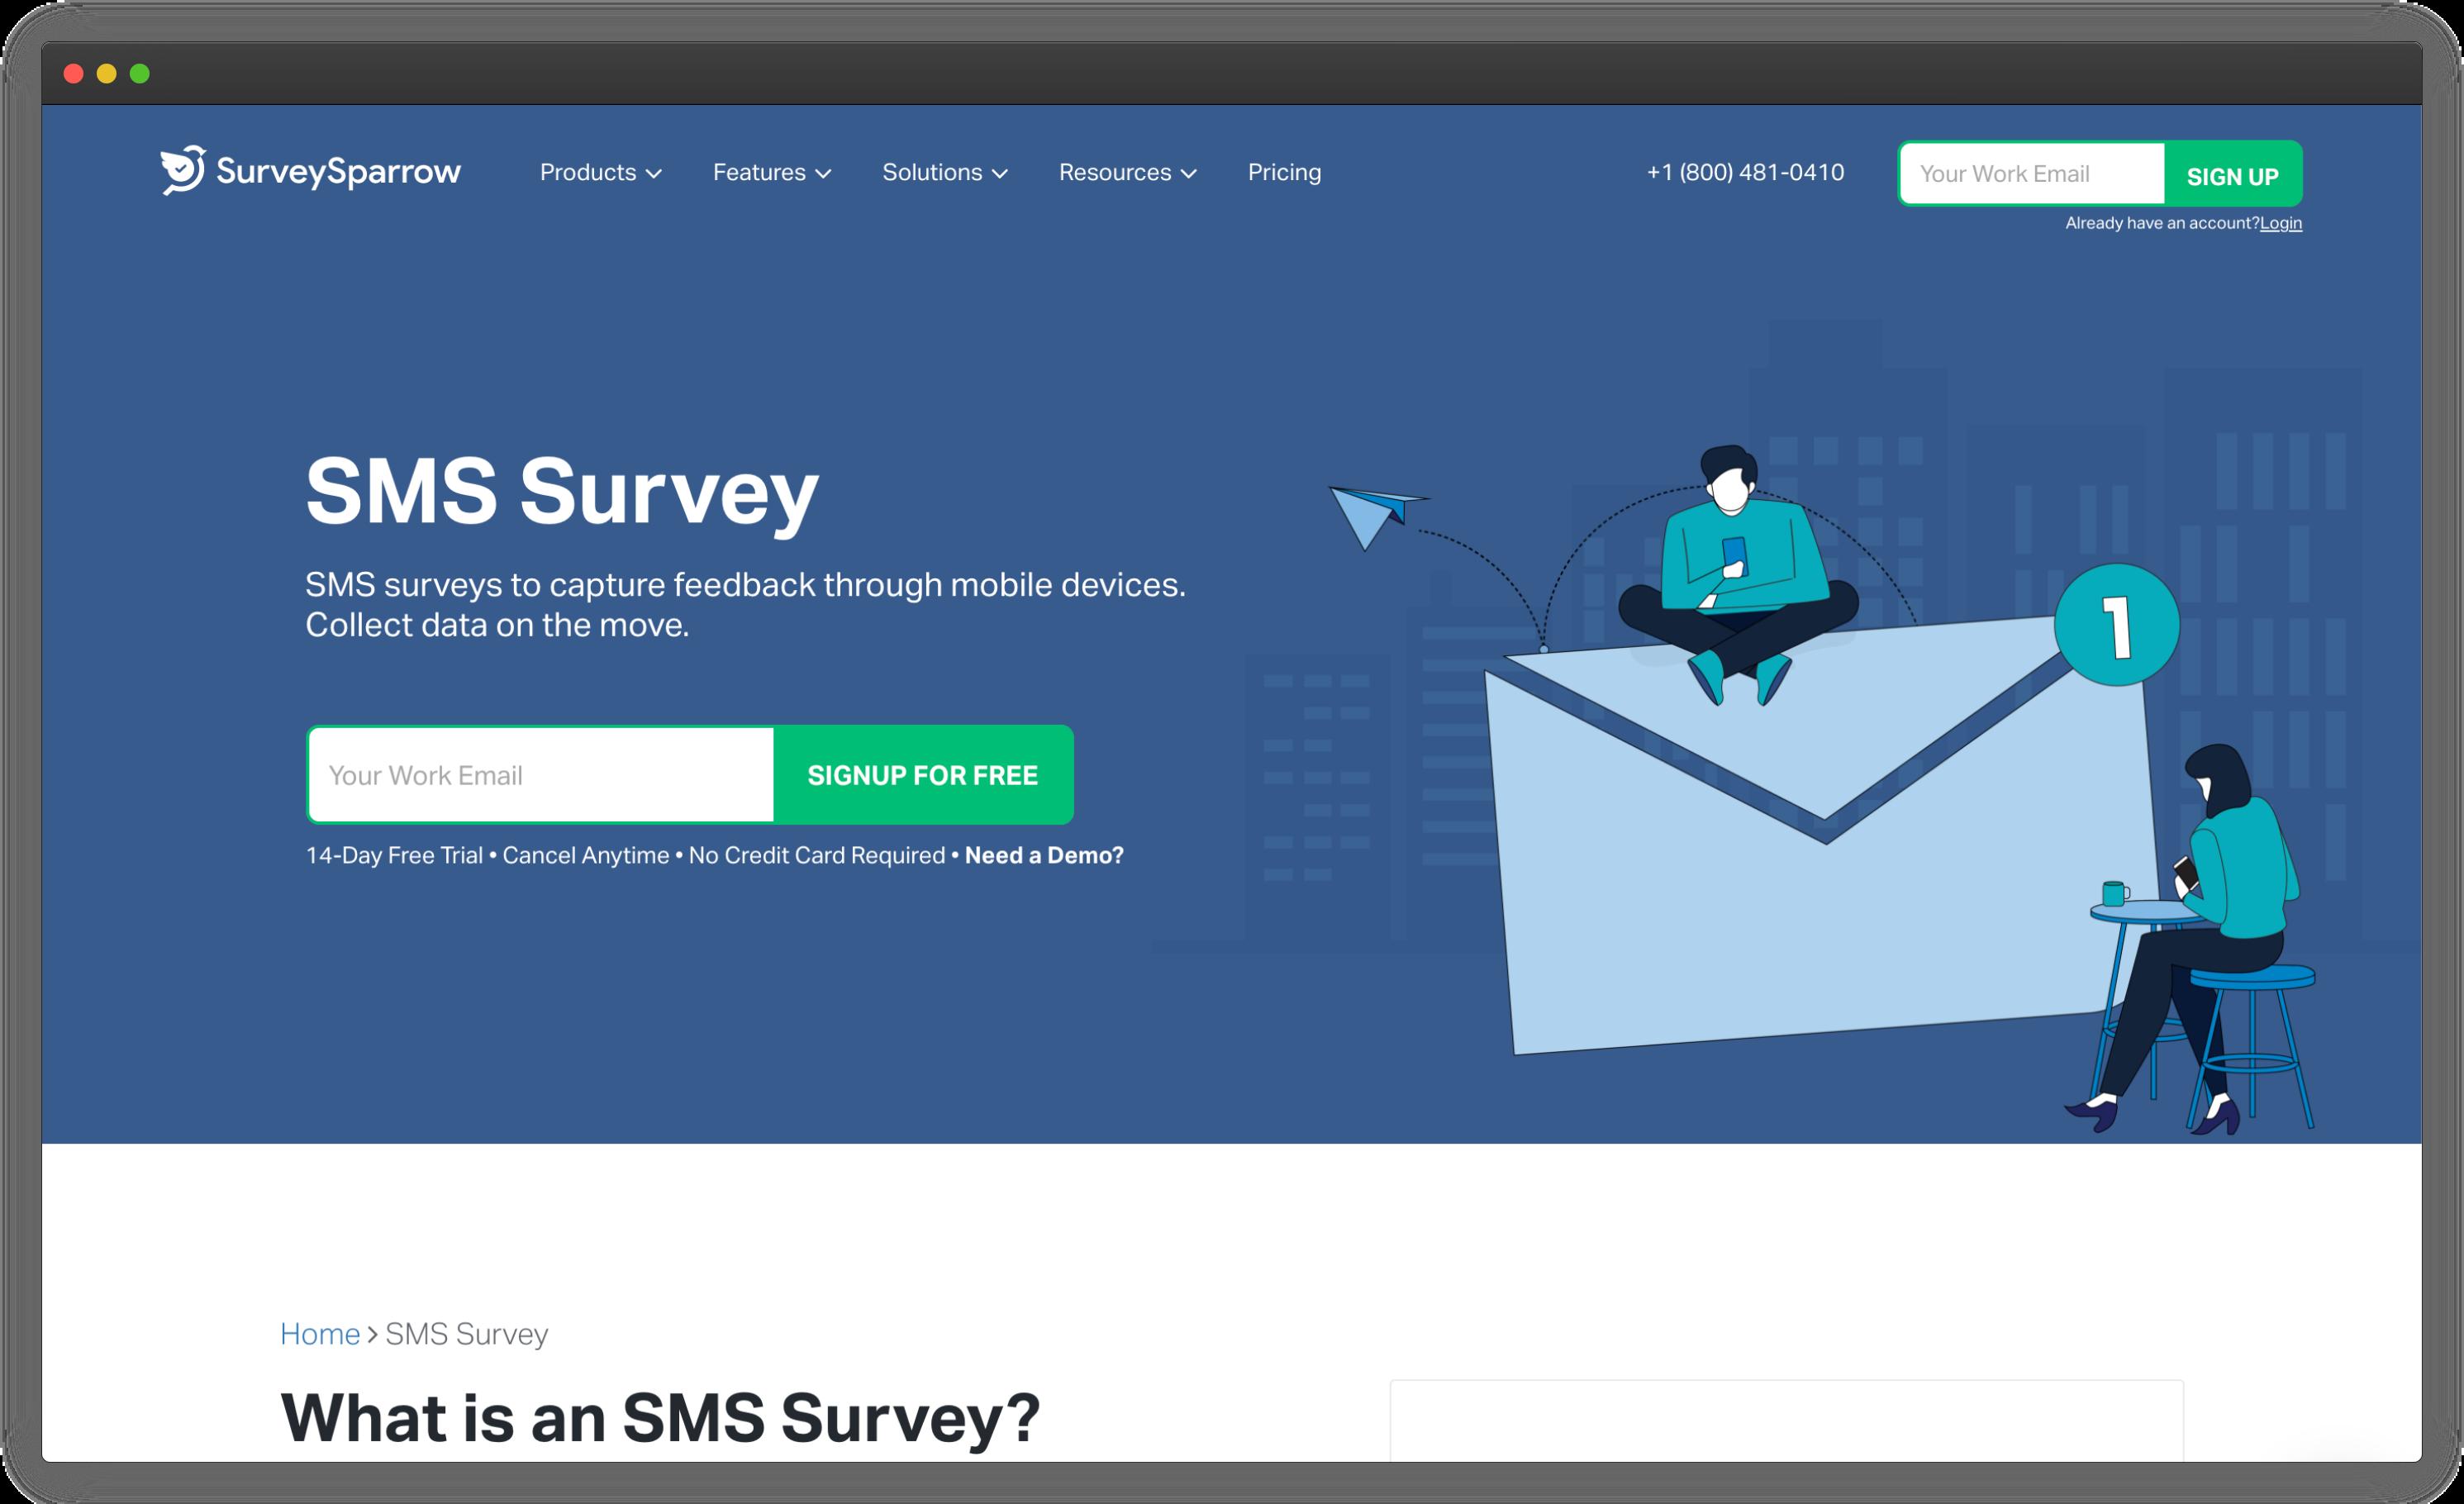 SurveySparrow SMS Surveys